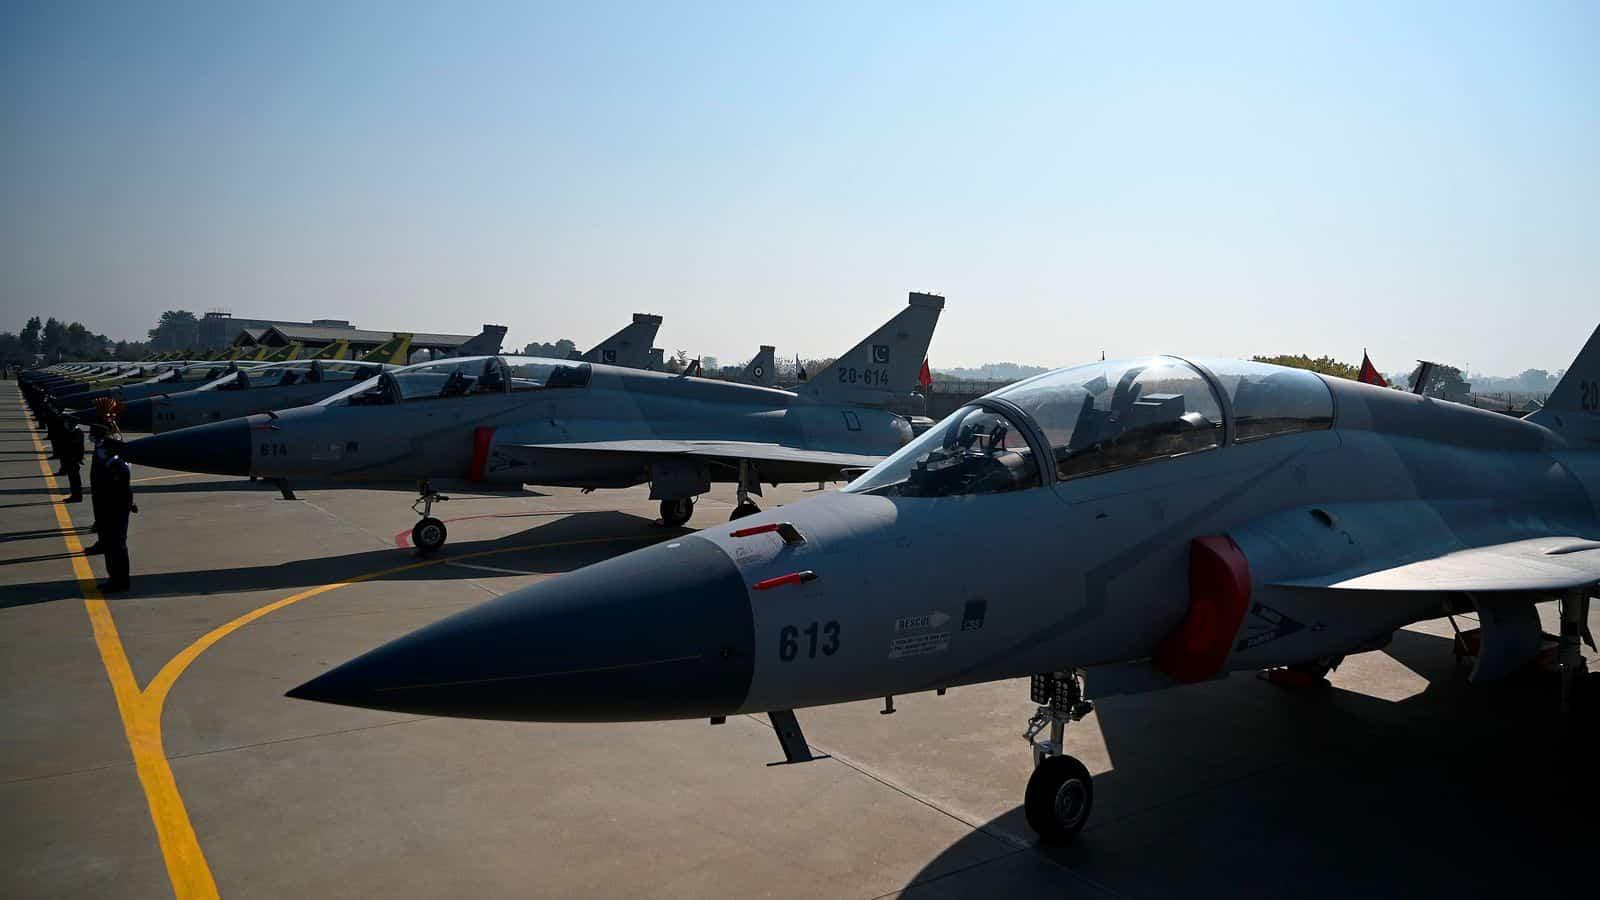 Багатоцільові винищувачі JF-17 Thunder